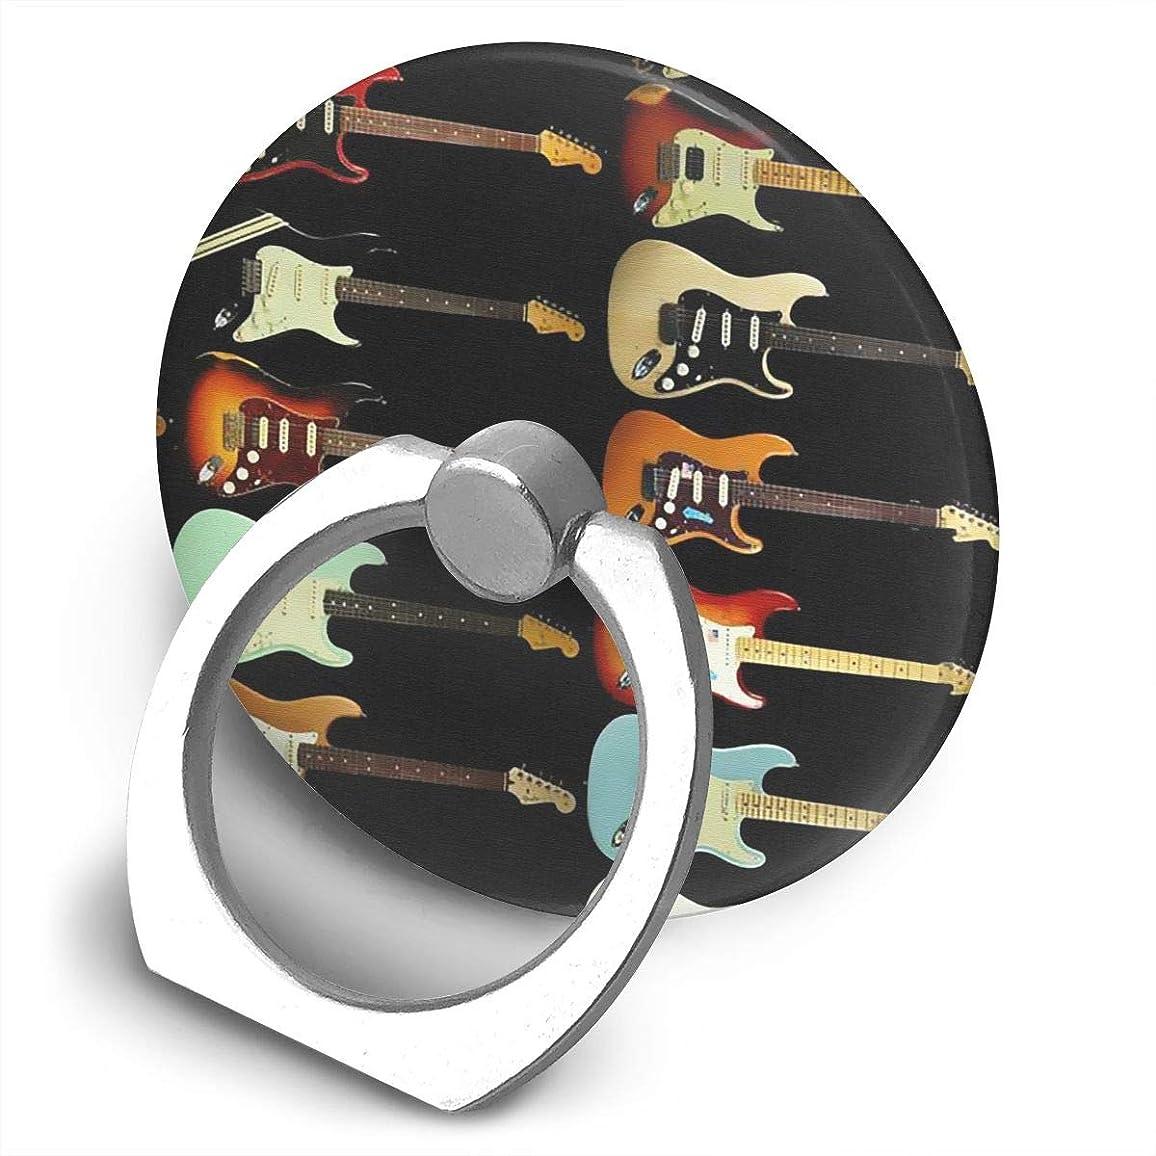 蒸し器絶え間ない悪性のカラフルなギター 360度回転 携帯リング スタンド スマホスタンド ホルダー 薄型 指輪 リング 携帯アクセサリースタンド機能 落下防止